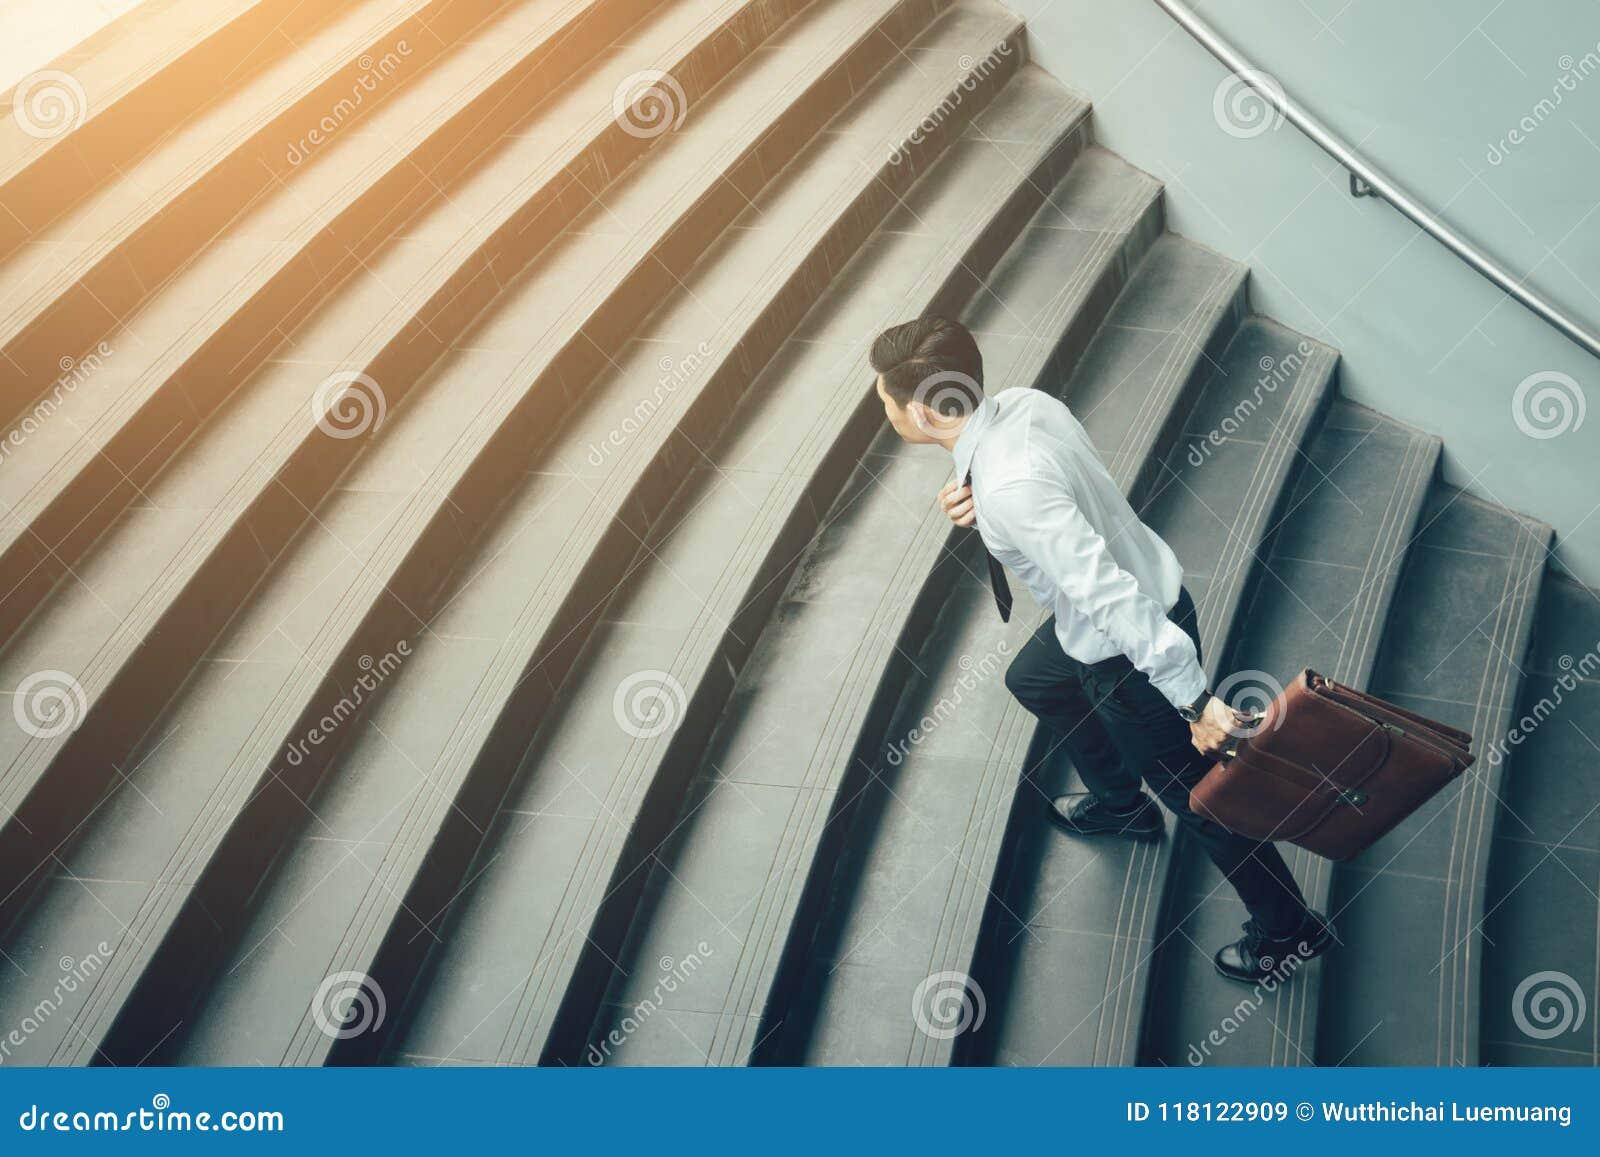 Βαλίτσα εκμετάλλευσης επιχειρηματιών και τρέξιμο στα σκαλοπάτια